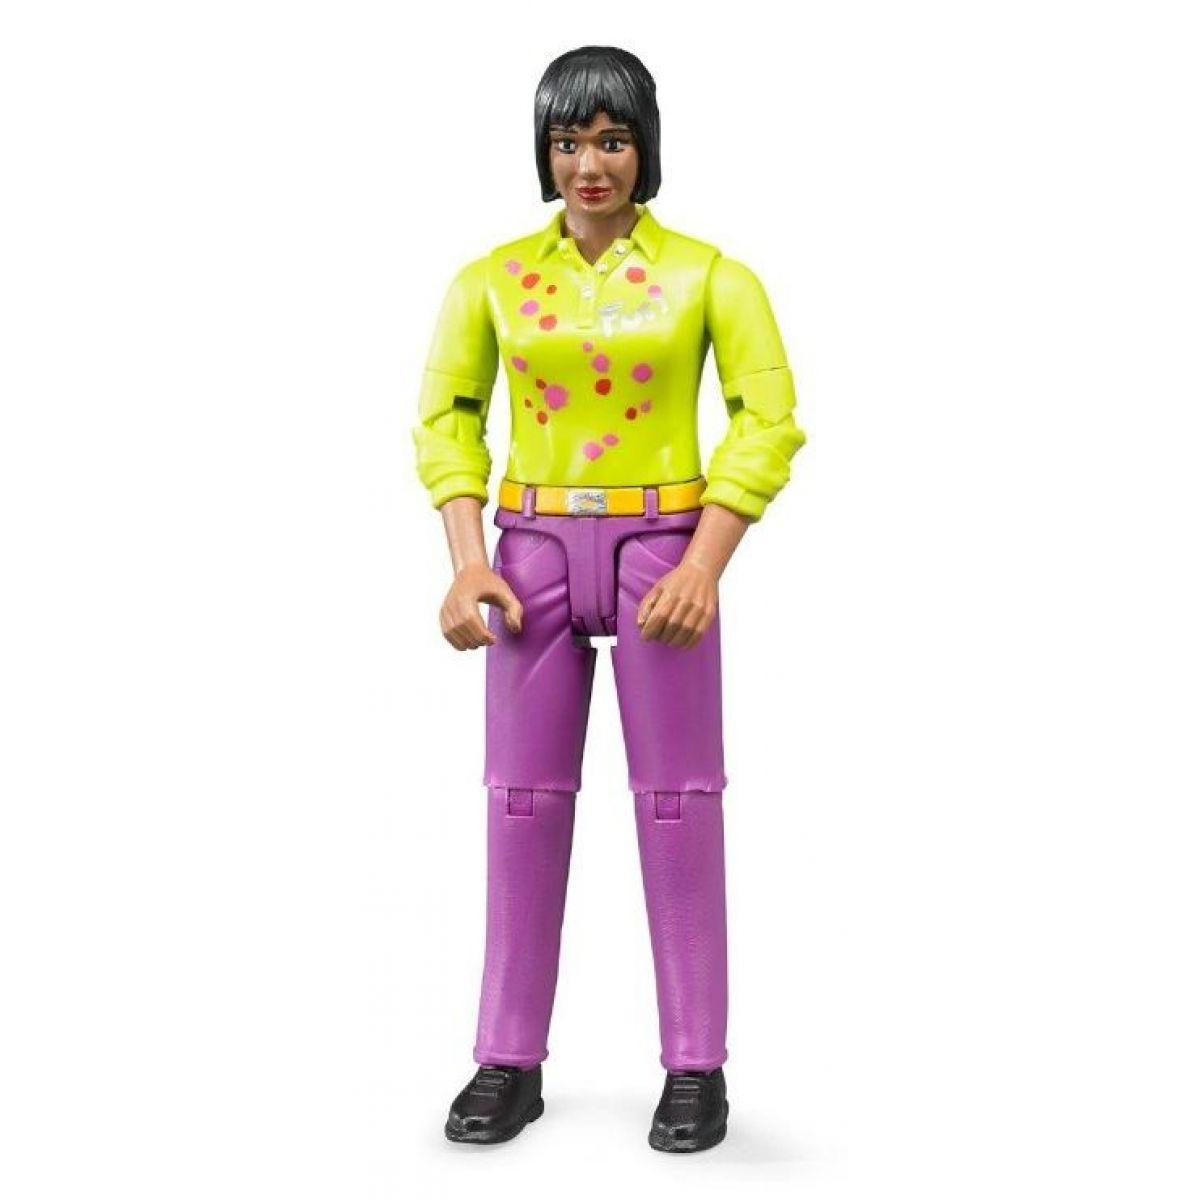 Bruder 60403 Bworld Figurka Žena tmavé pleti tmavě růžové kalhoty